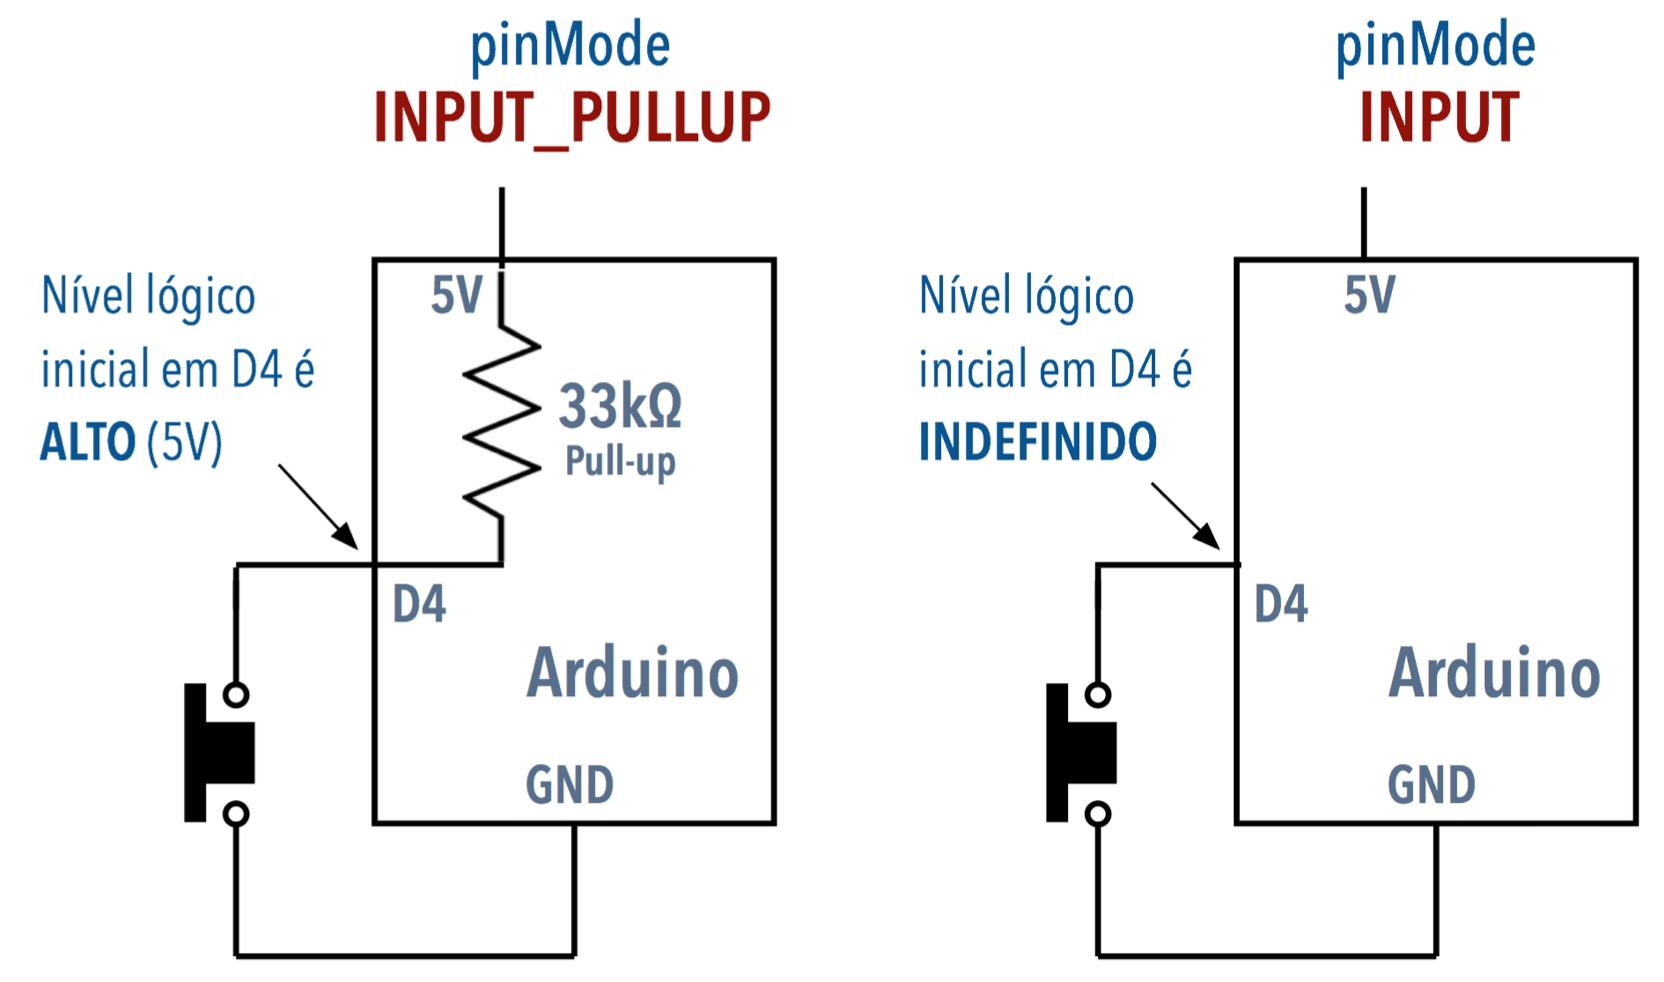 Resultado de imagem para pull-up VS pull-down resistor arduino (low high)